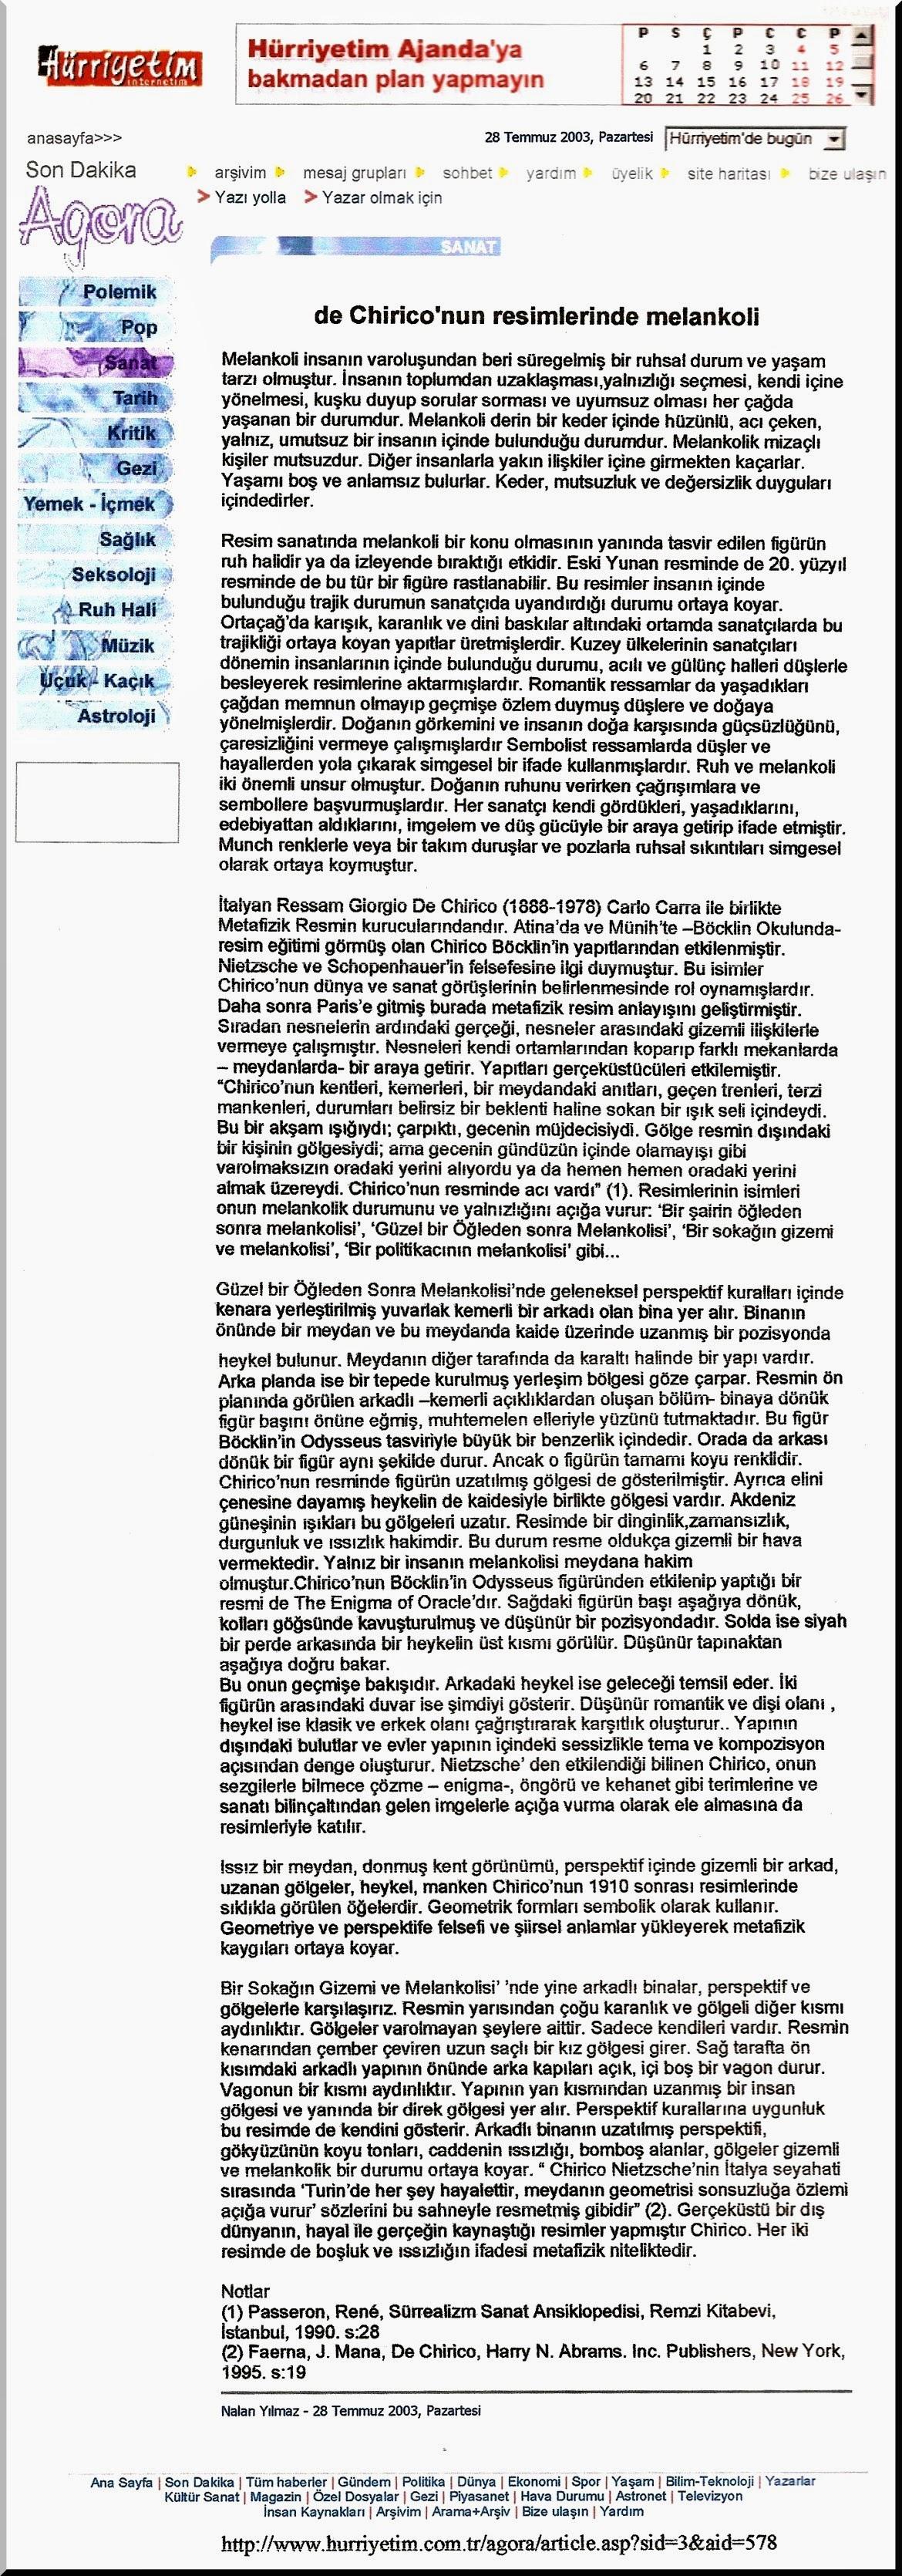 Photo: 34- Giorgio de Chirico'nun Resimlerinde Melankoli, Nalan Yılmaz, 28 Temmuz 2003 Pazartesi, Hürriyet, Agora